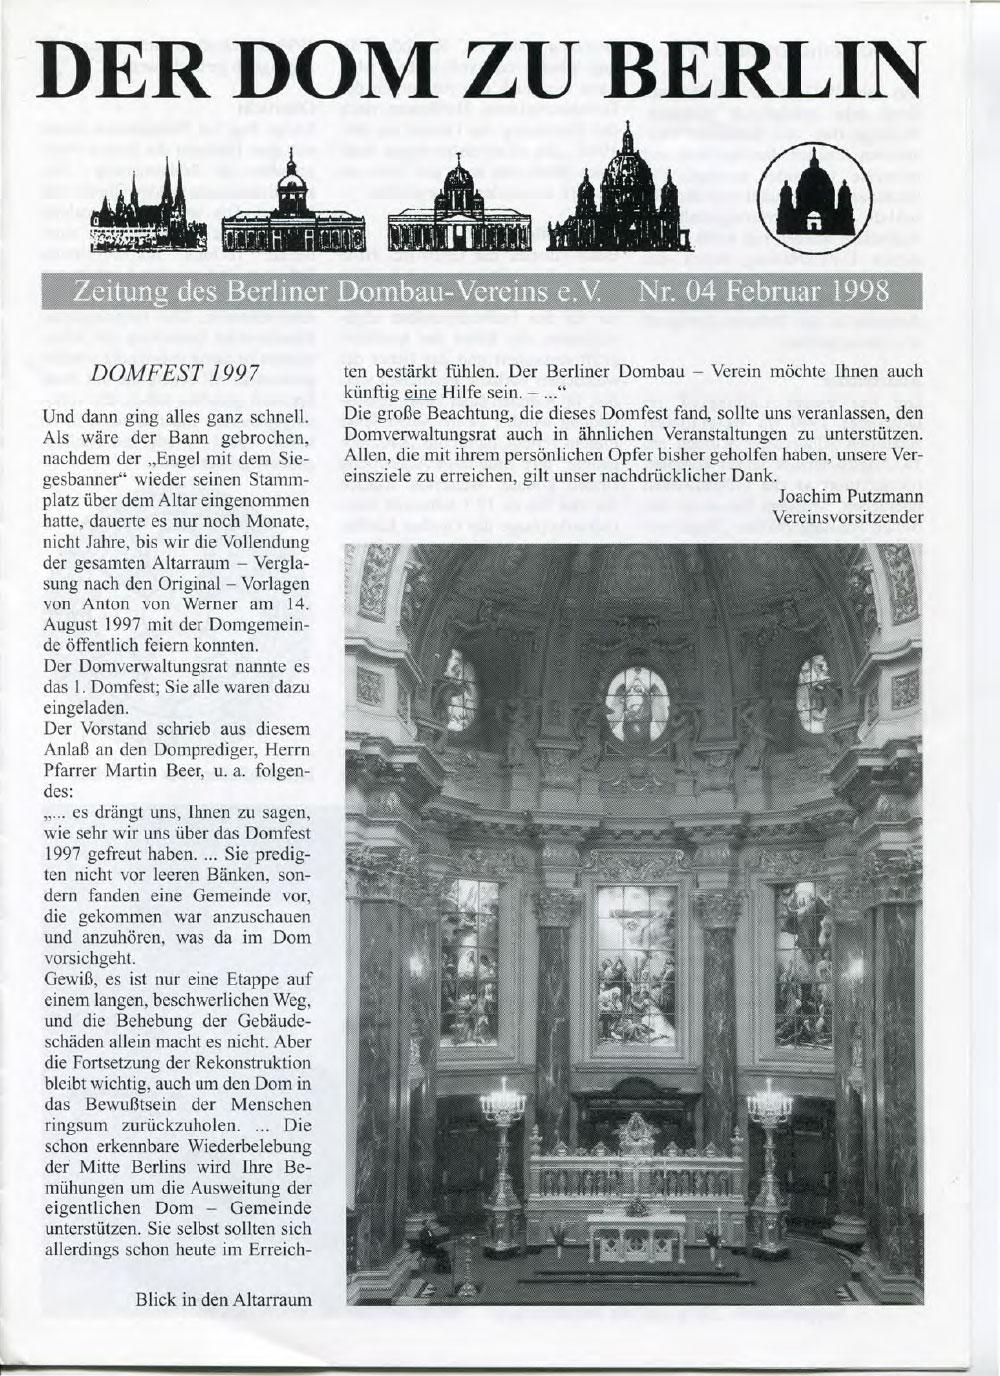 Dombau-Verein-Berlin Zeitung 04